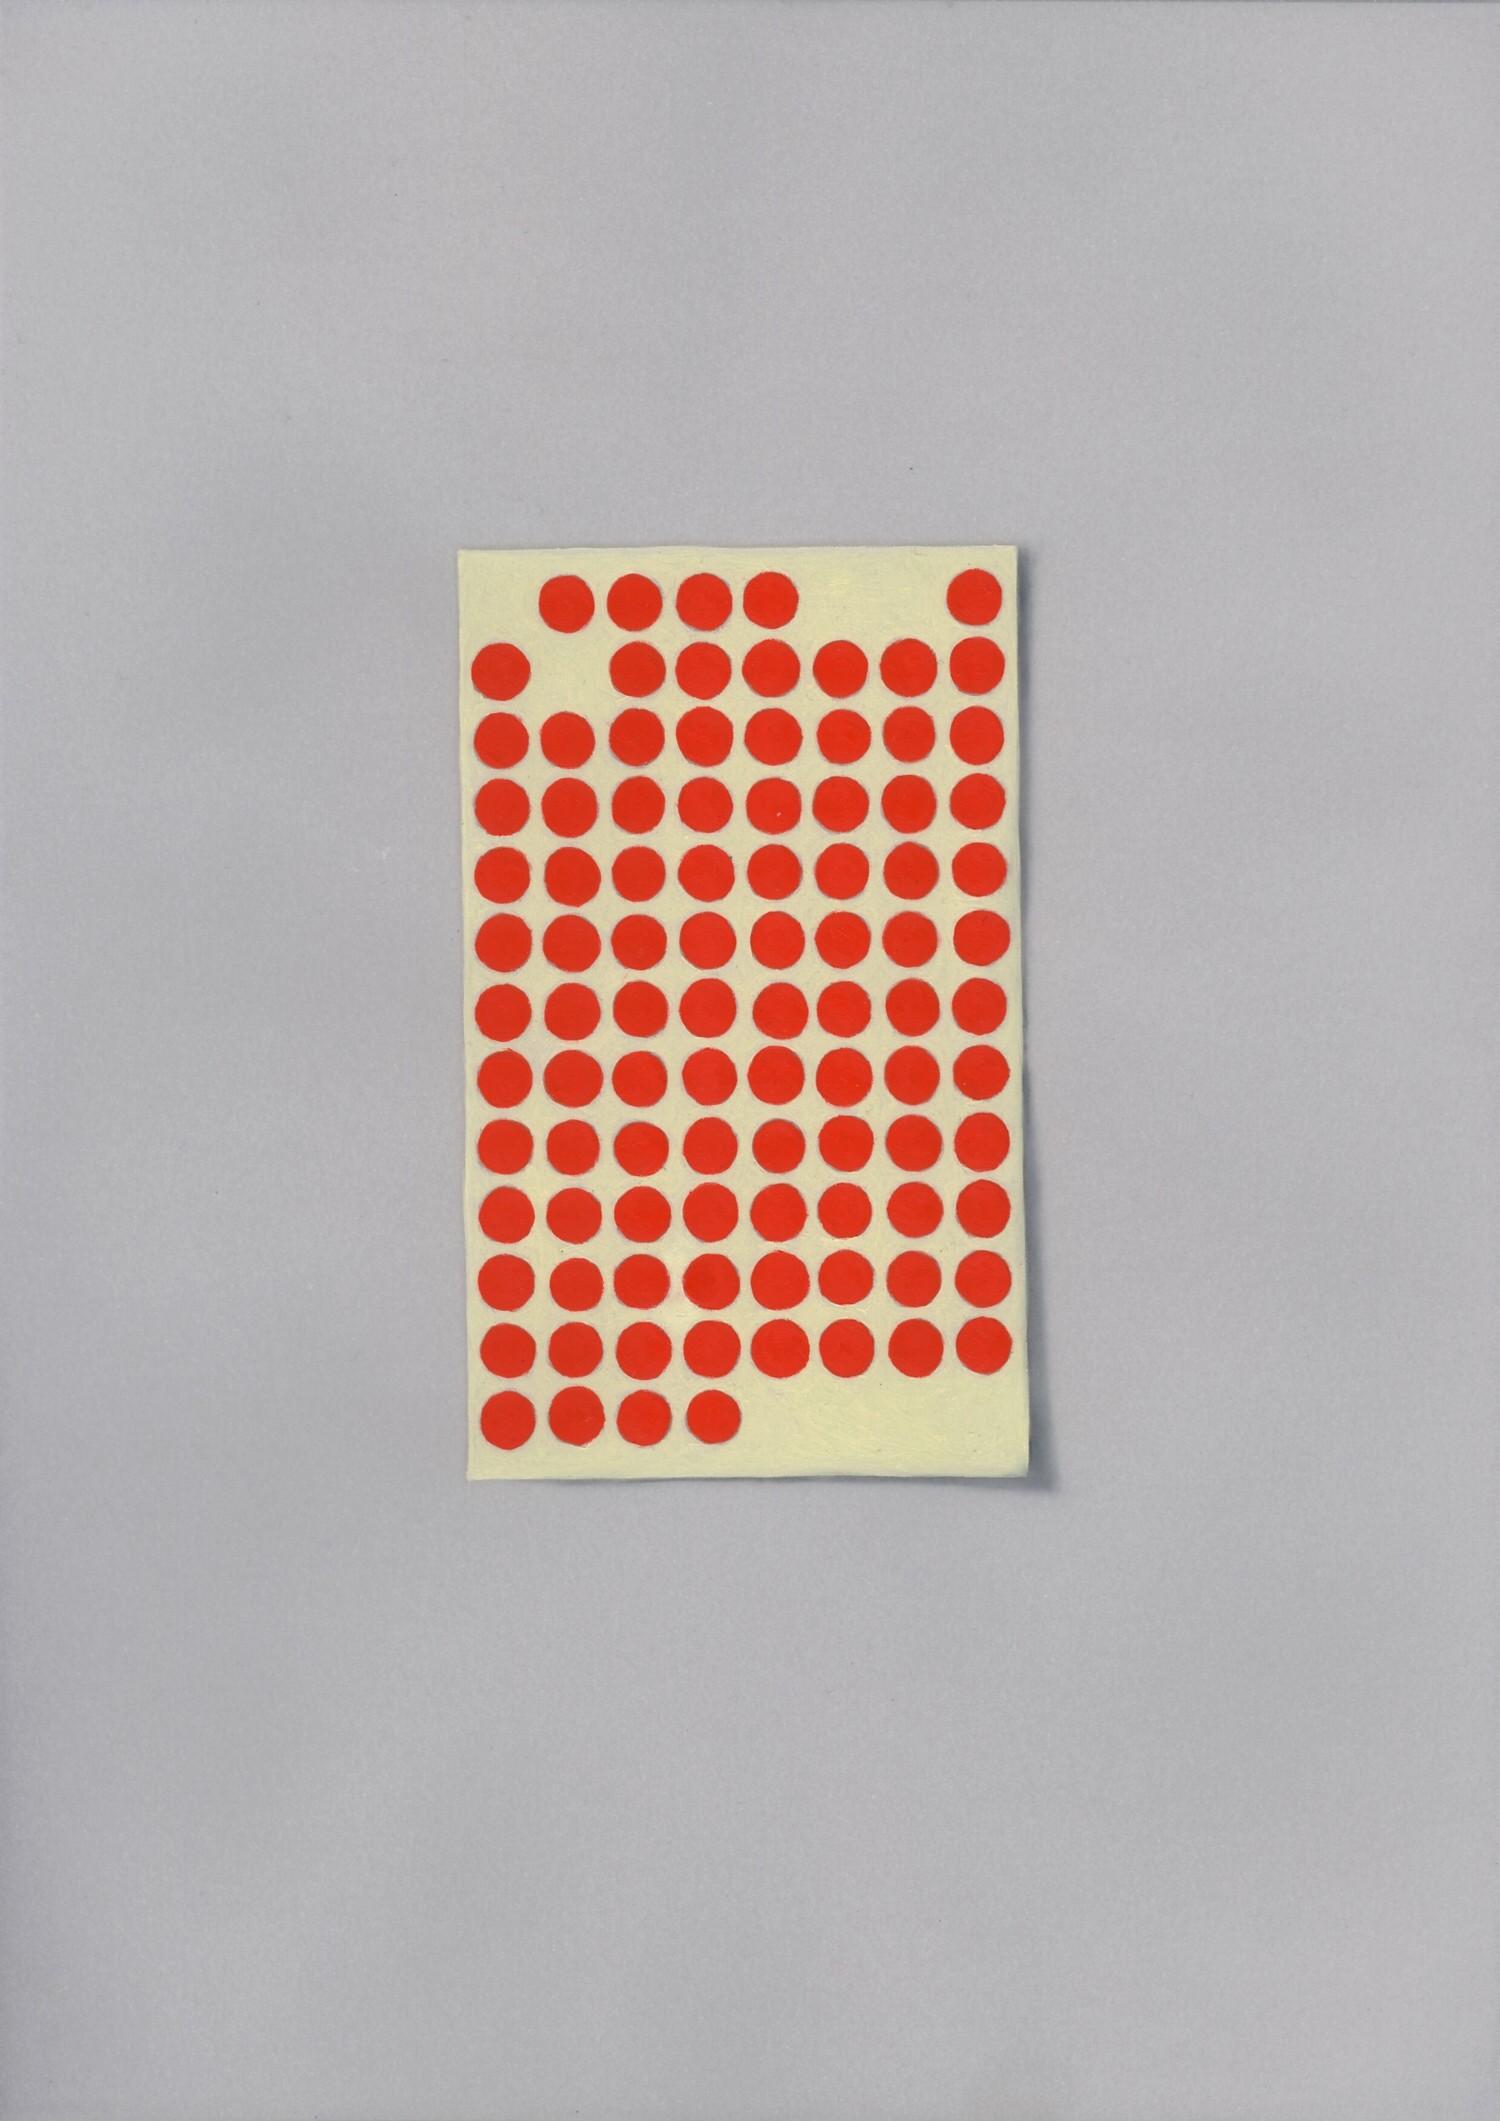 Vellum 36#2013, 29,7 x 21 cm, Öl auf Transparentpapier